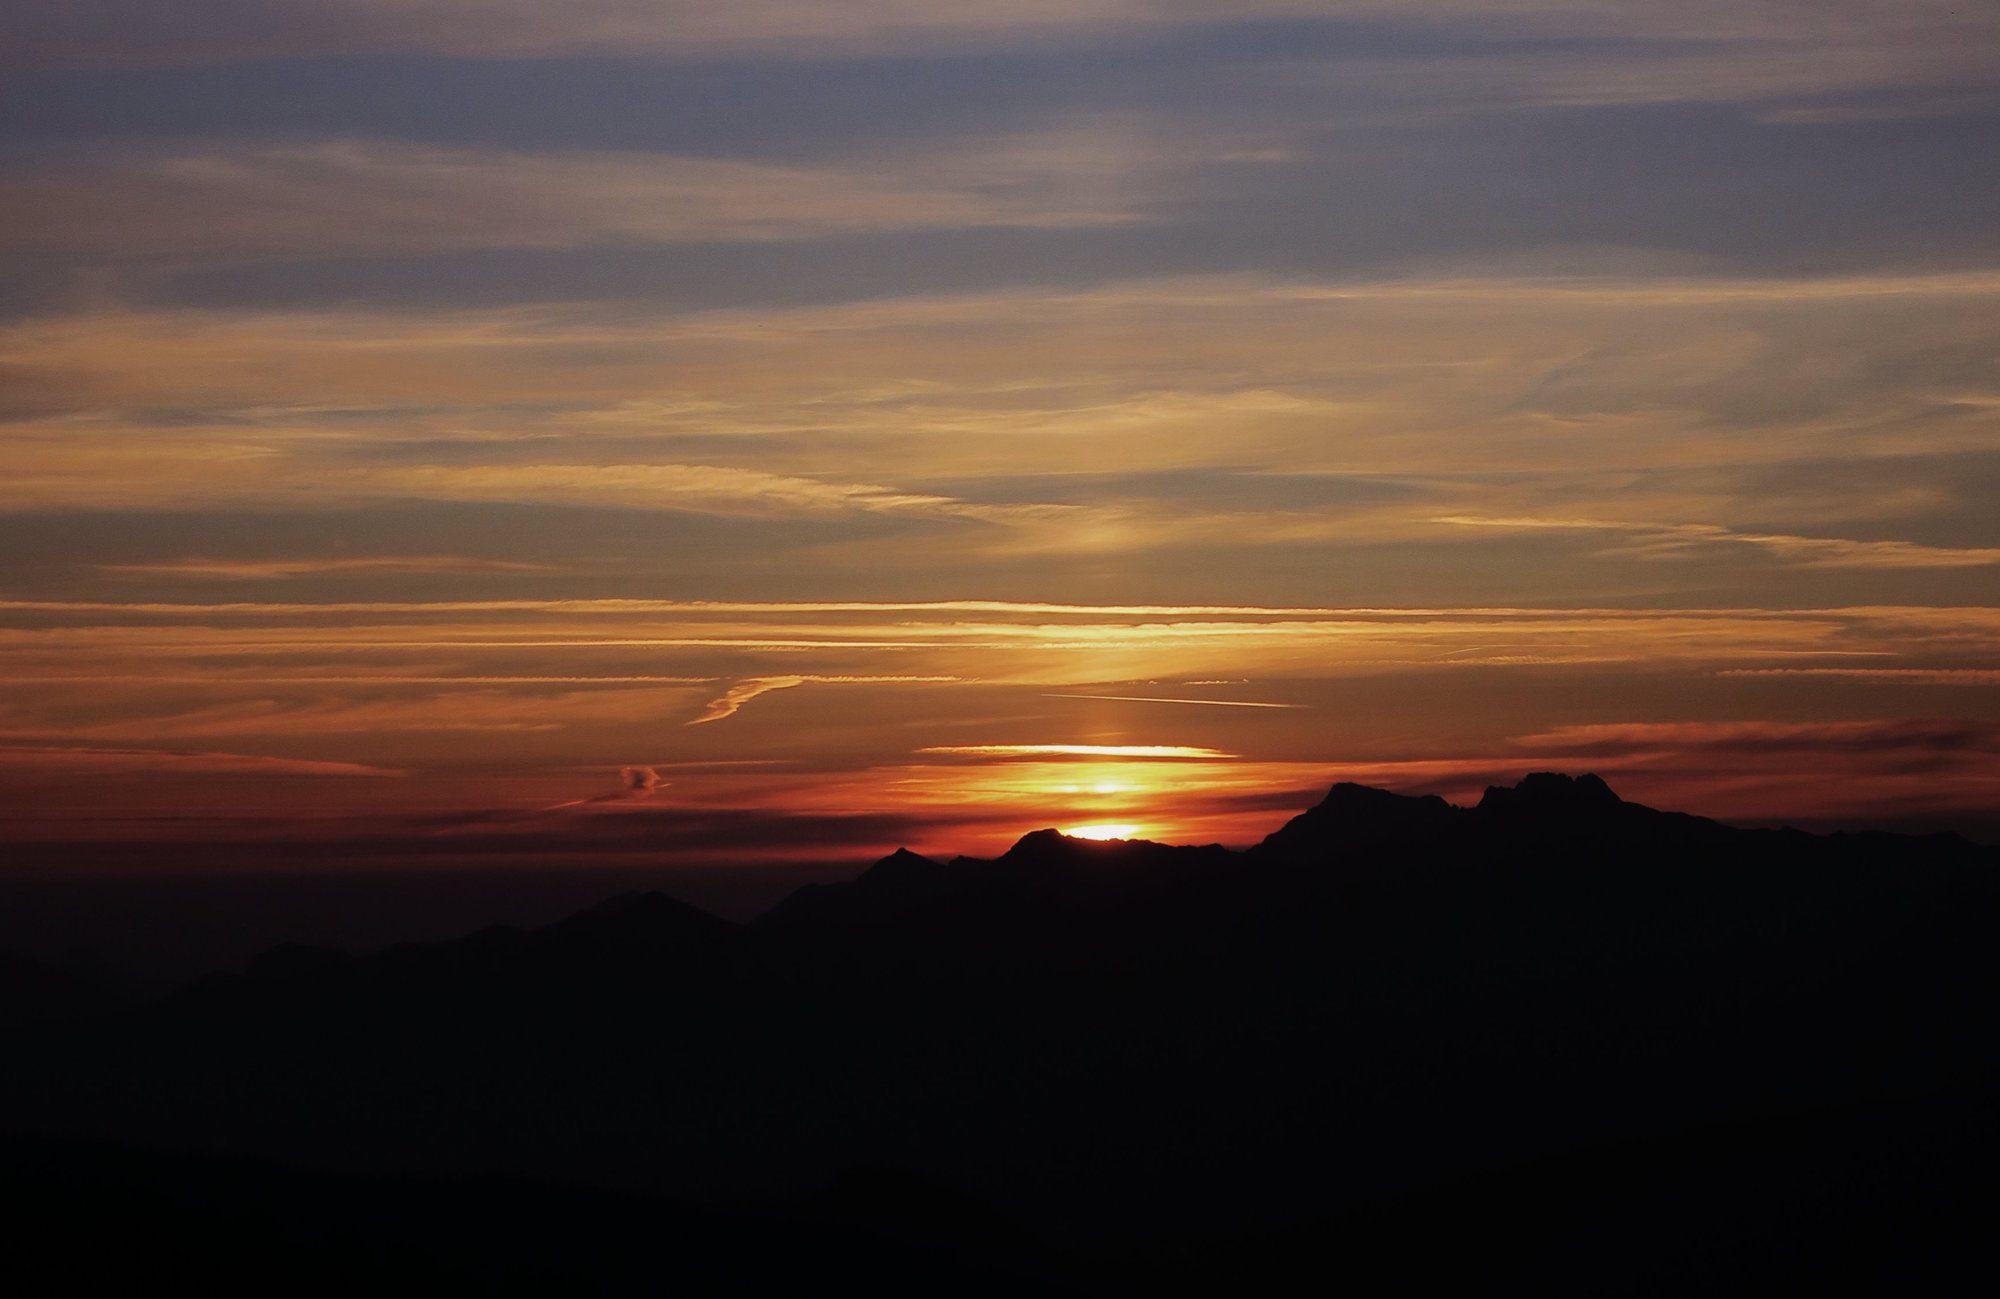 Hoher Ifen Wanderung zum Sonnenaufgang Kleinwalsertal